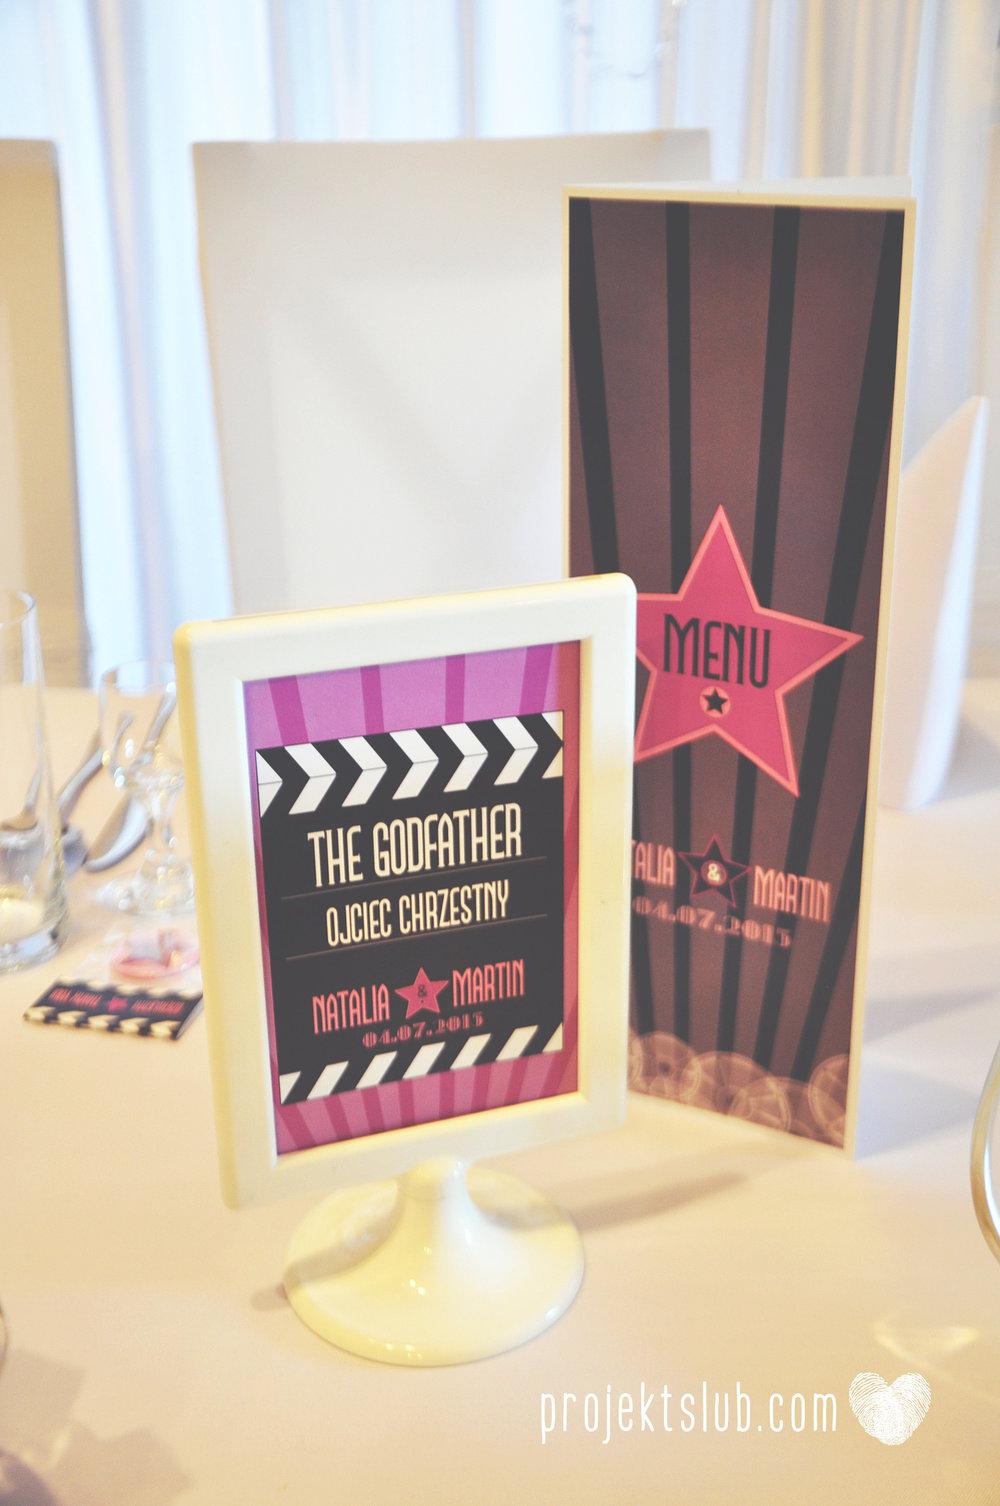 zaproszenie ślubne bilet filmowy bilet do kina premiera filmowa hollywood projekt ślub (4).JPG